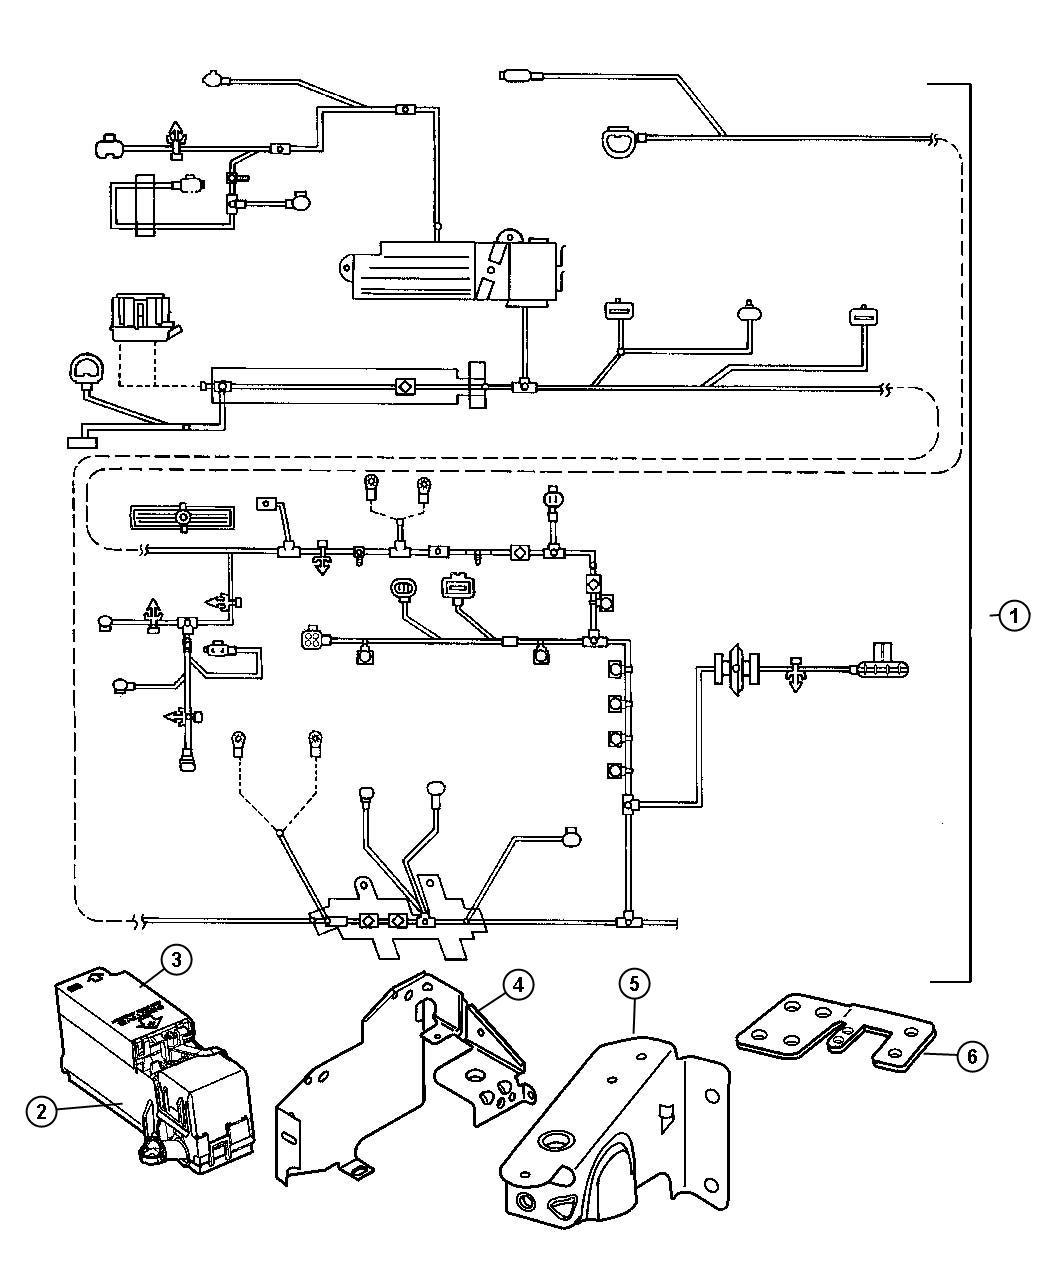 2000 Chrysler Cirrus Wiring-Headlamp to Dash.